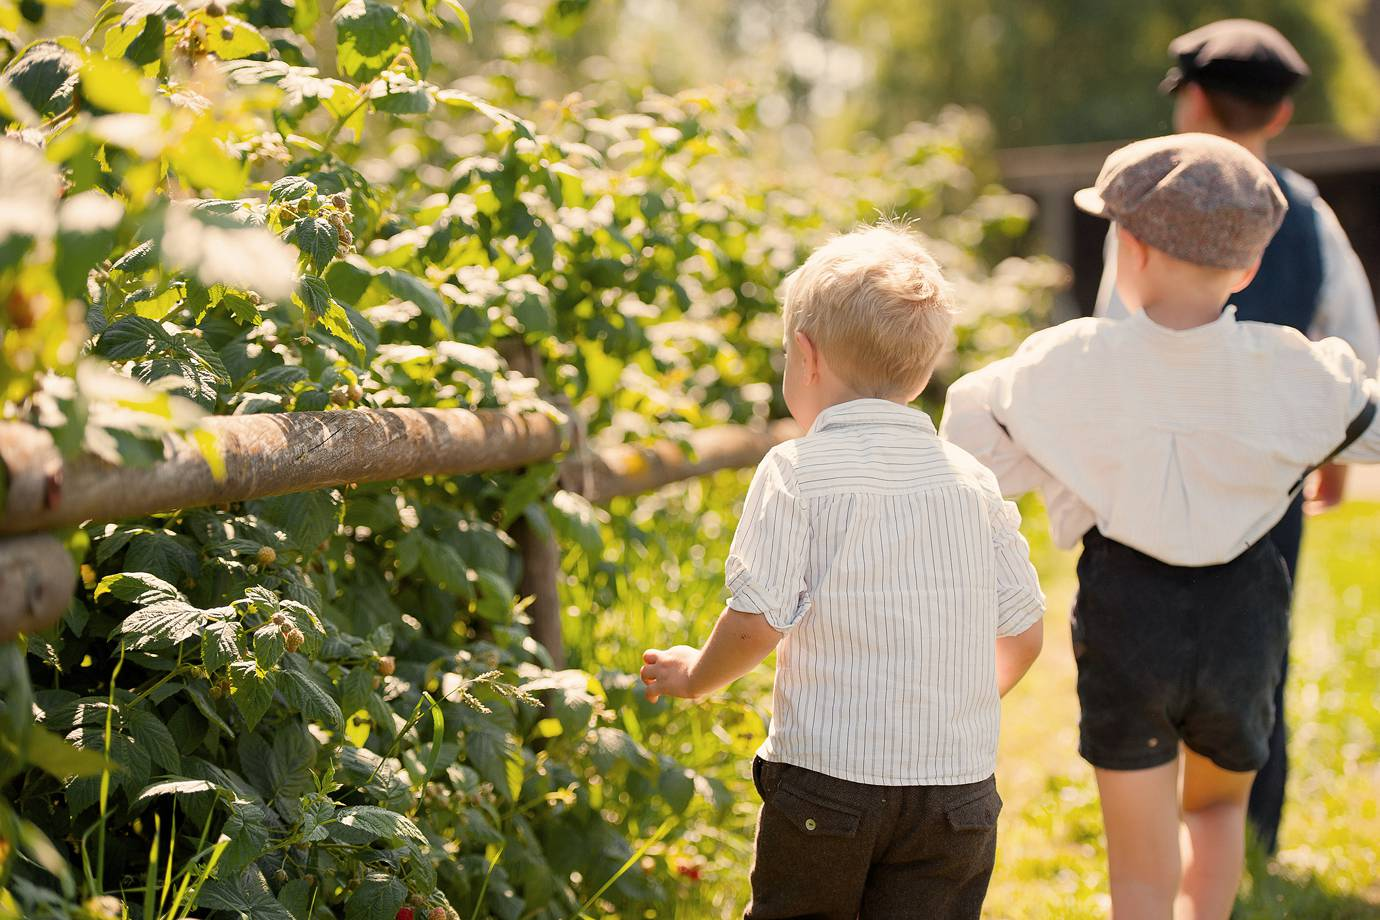 Familienfotos auf dem Bauernhof